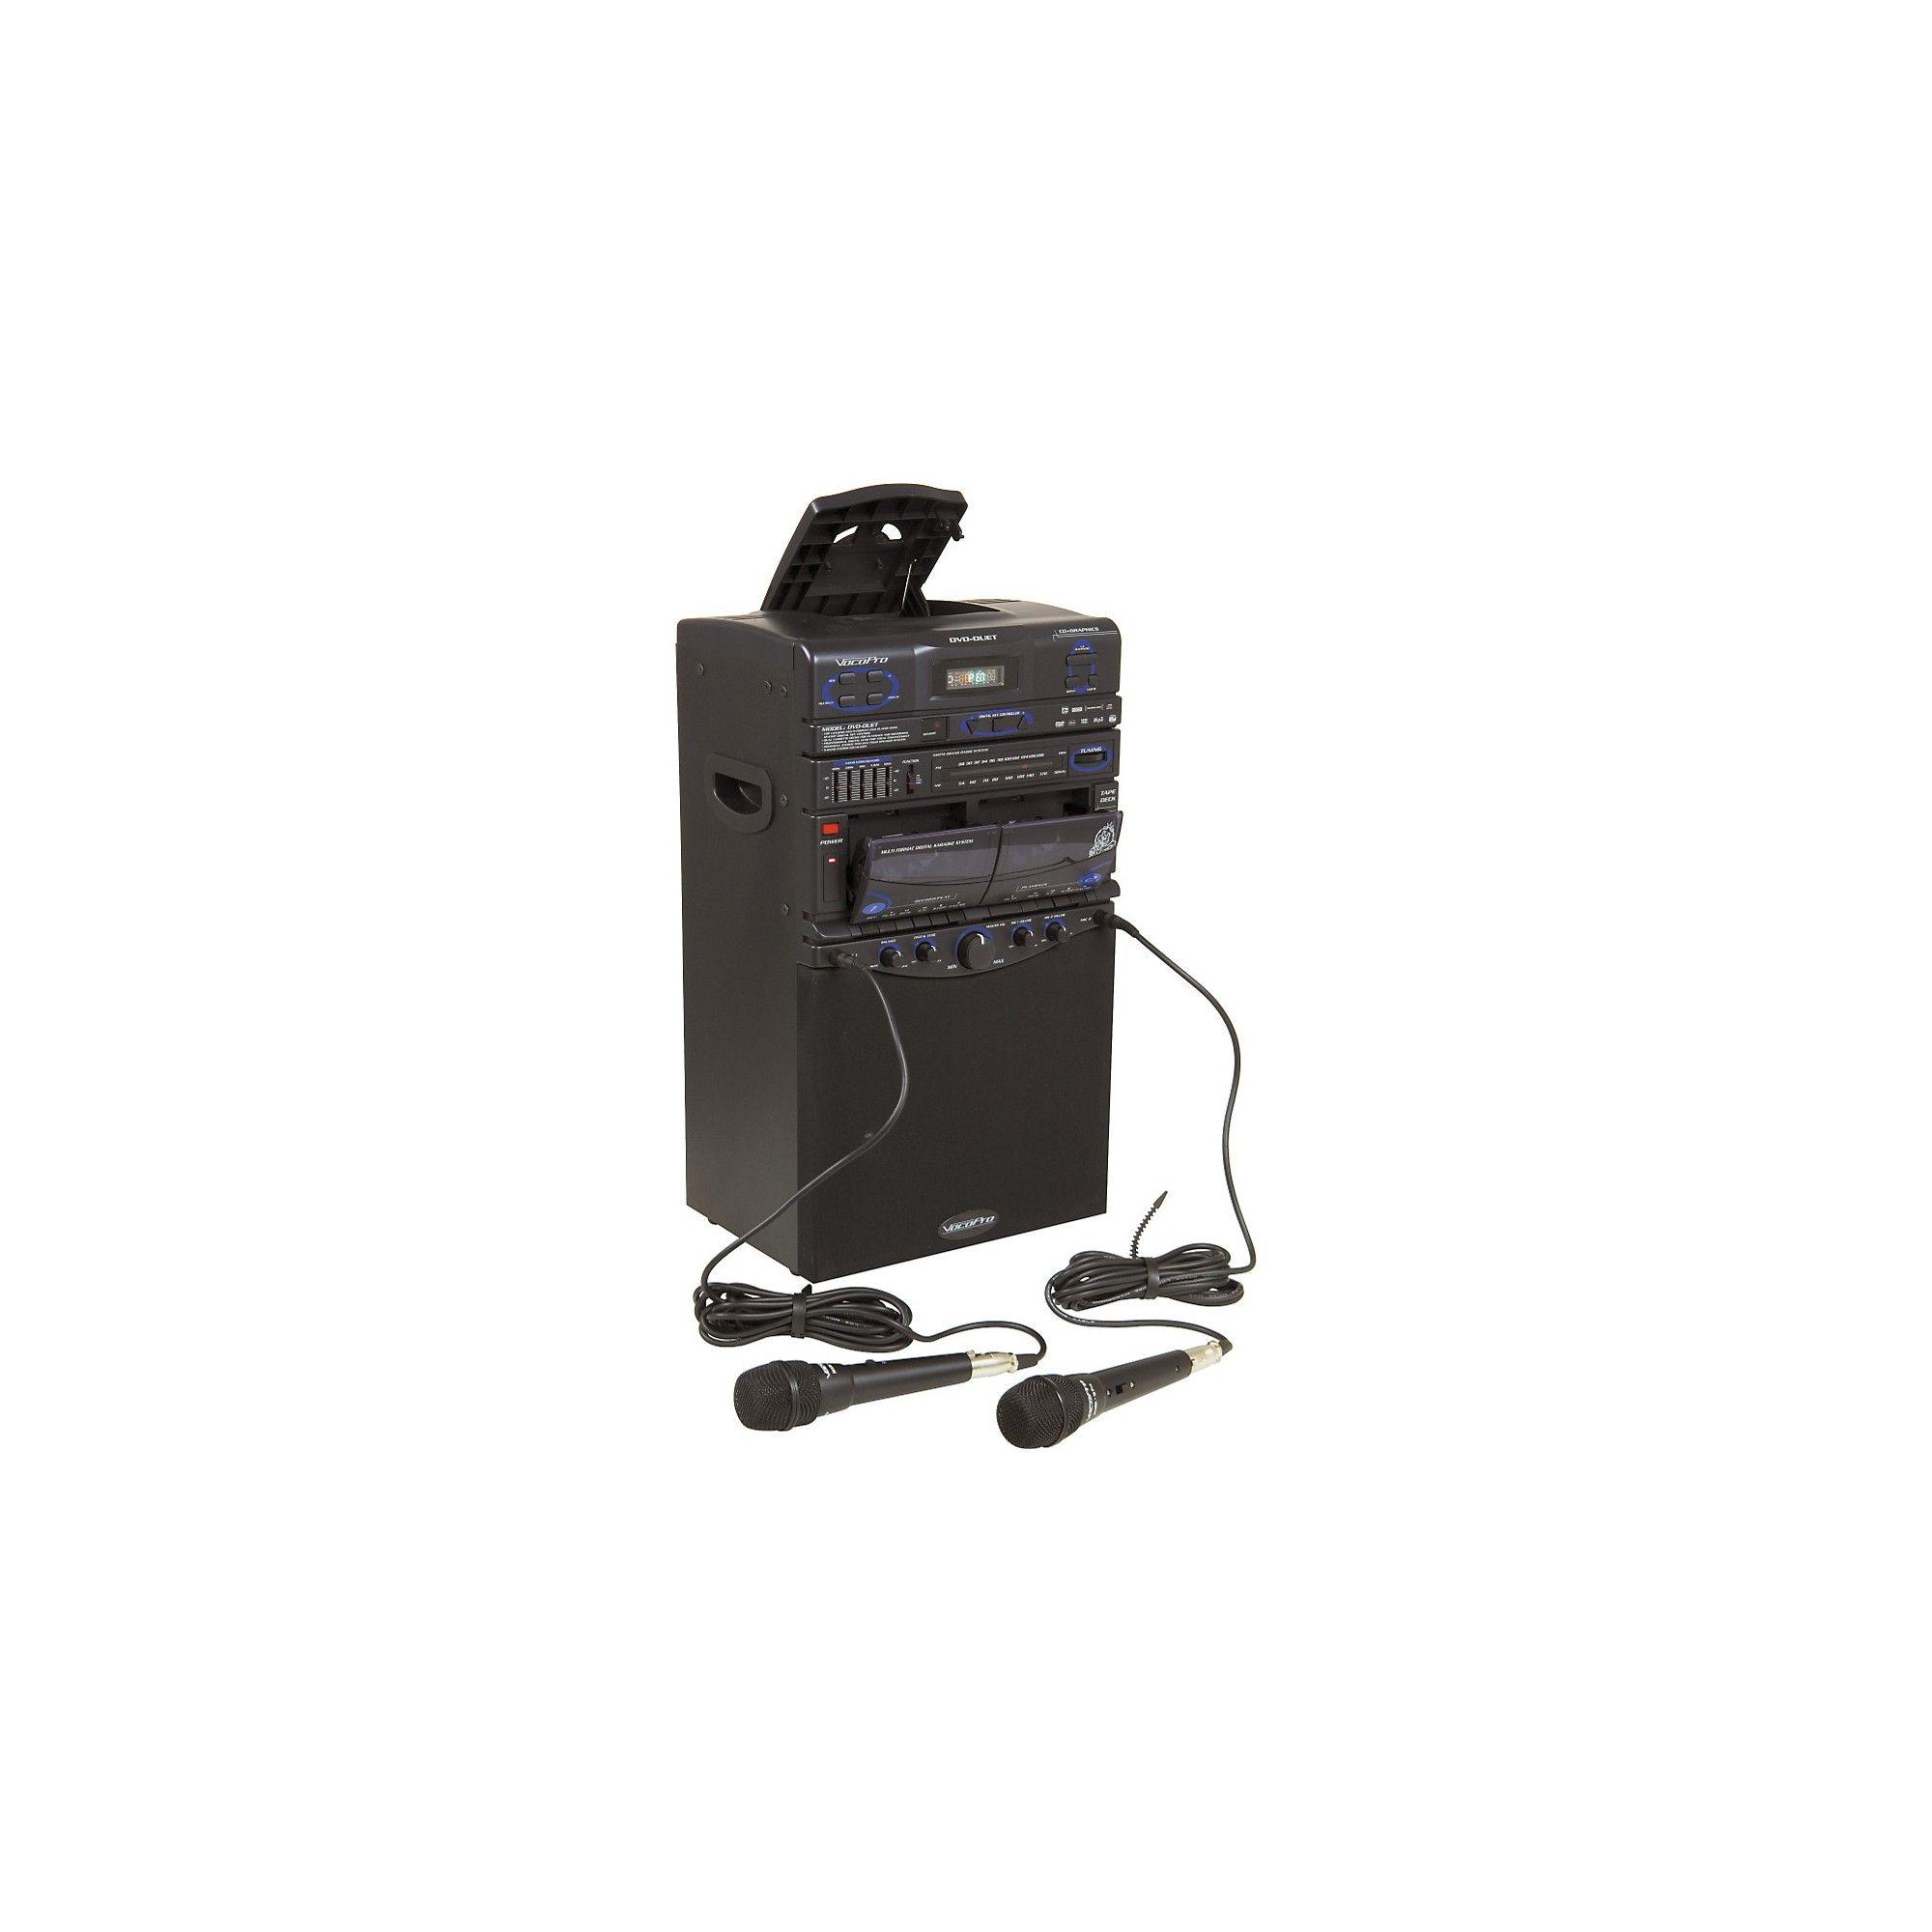 VocoPro DVD Duet Karaoke System | Karaoke system, Karaoke ...